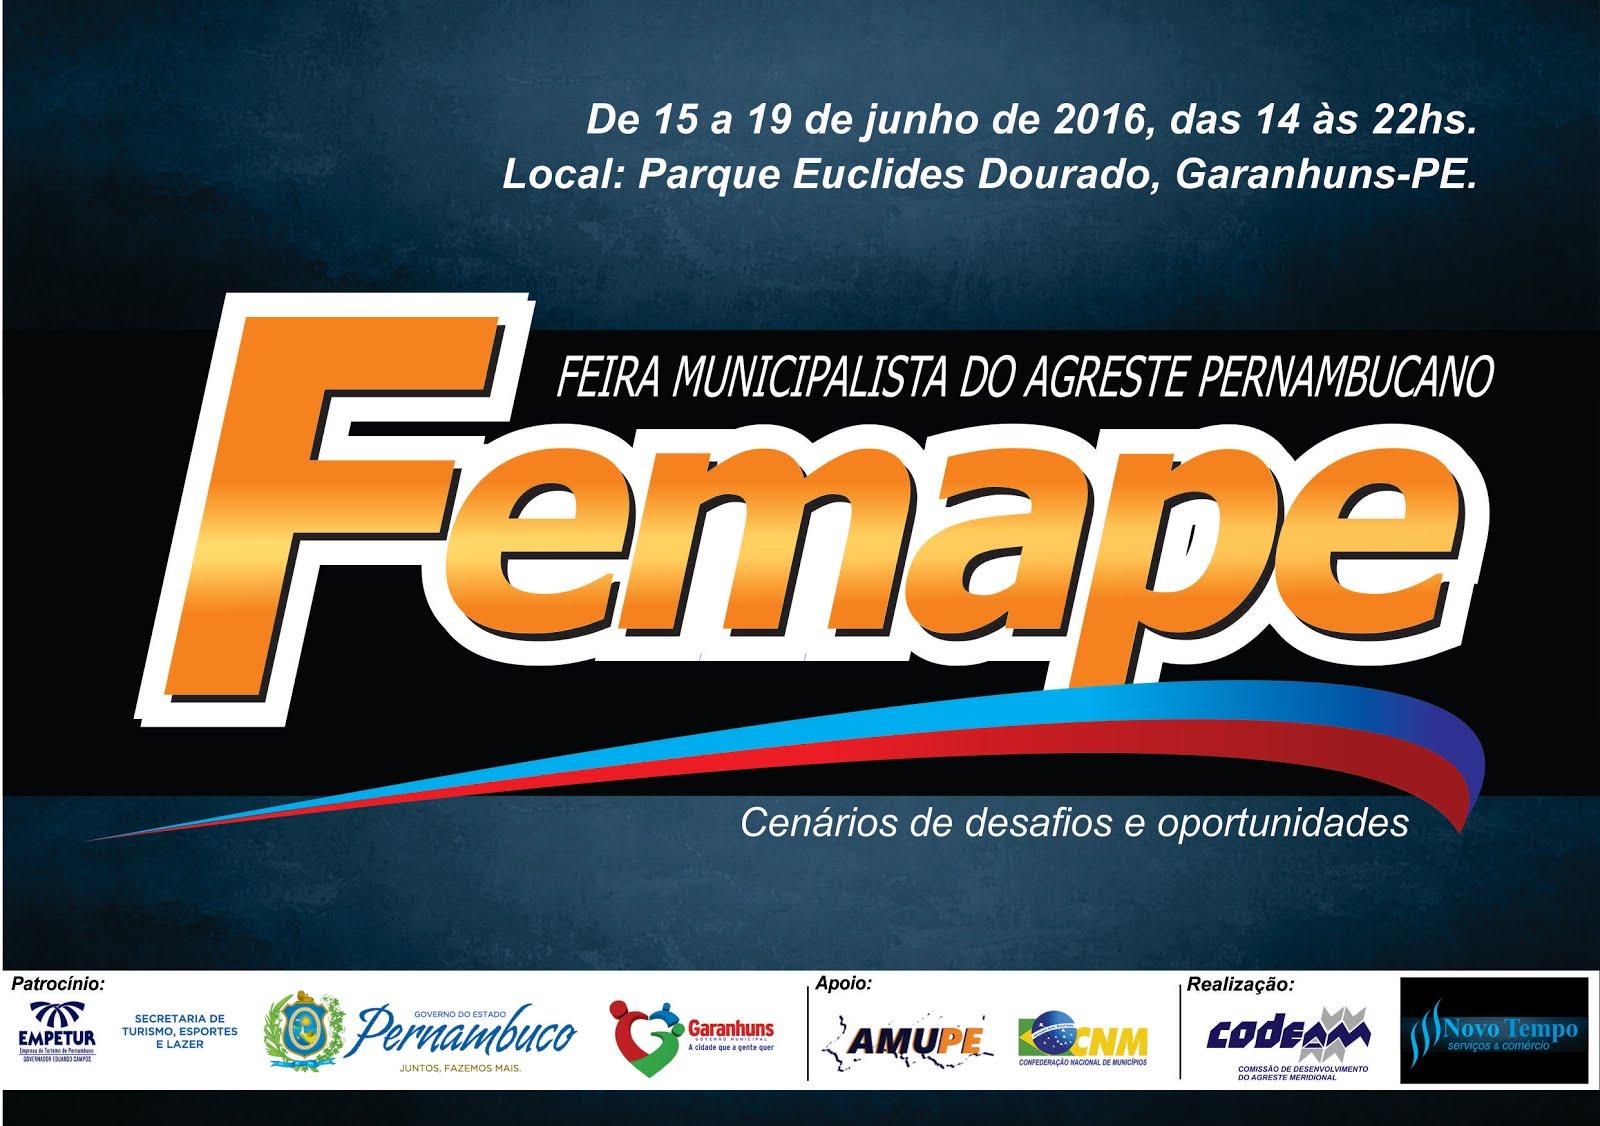 Feira Municipalista do Agreste Pernambucano - FEMAPE.